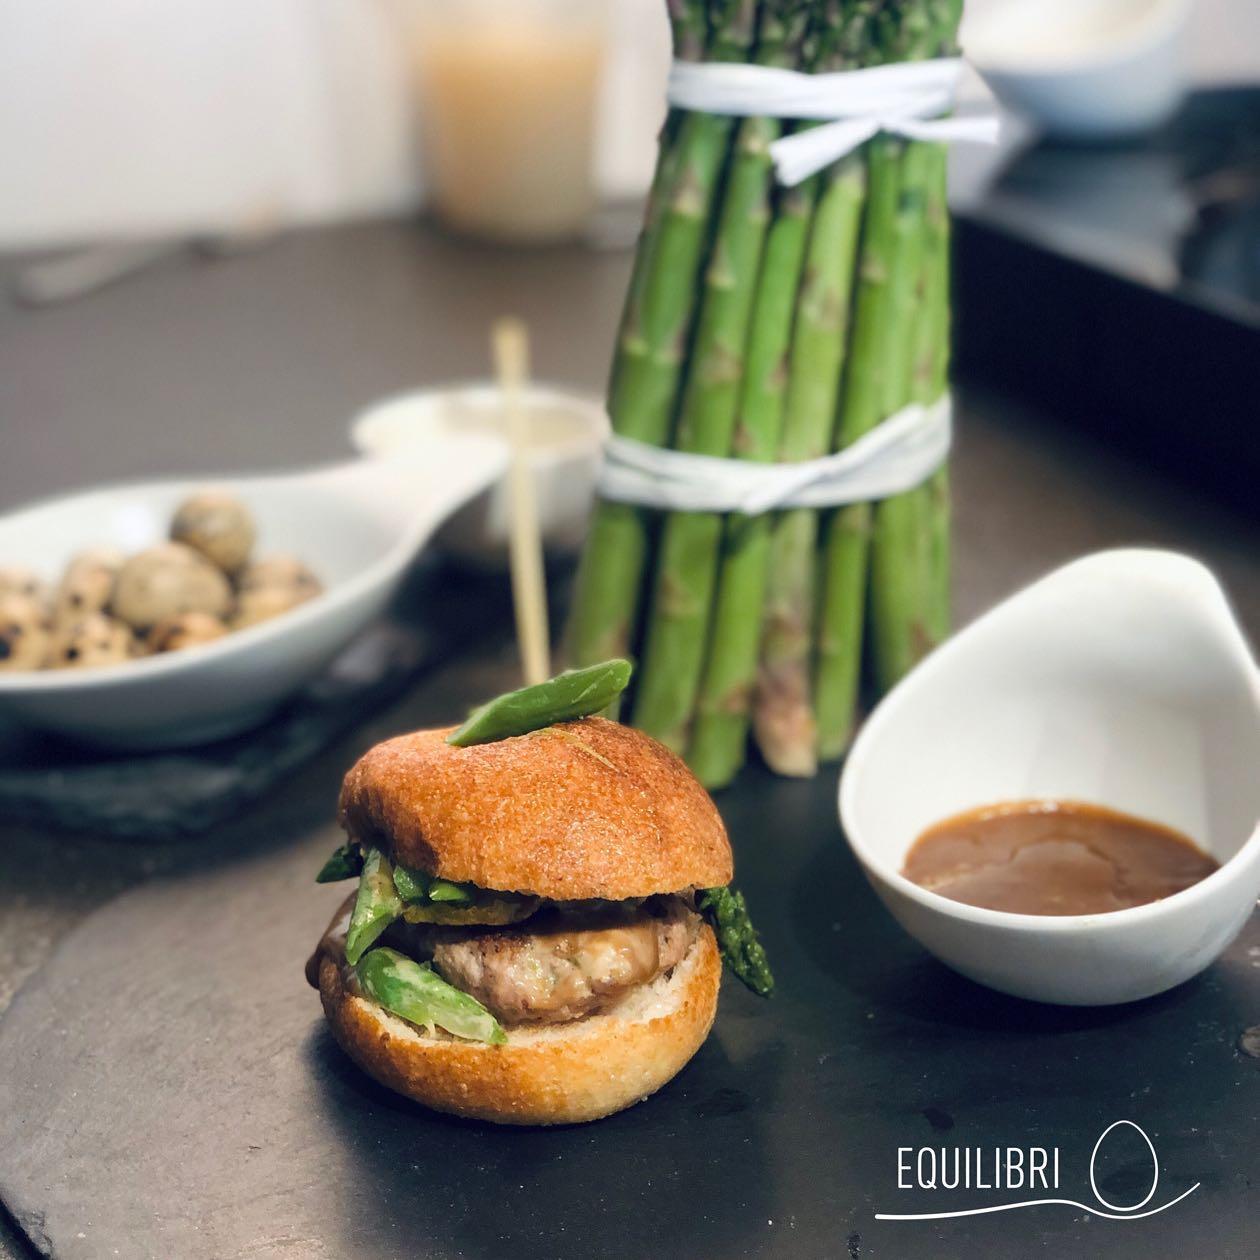 panino-pomodoro-hamburgher-fassona-asparagi-ovetti-quaglia-salsa-balsamico